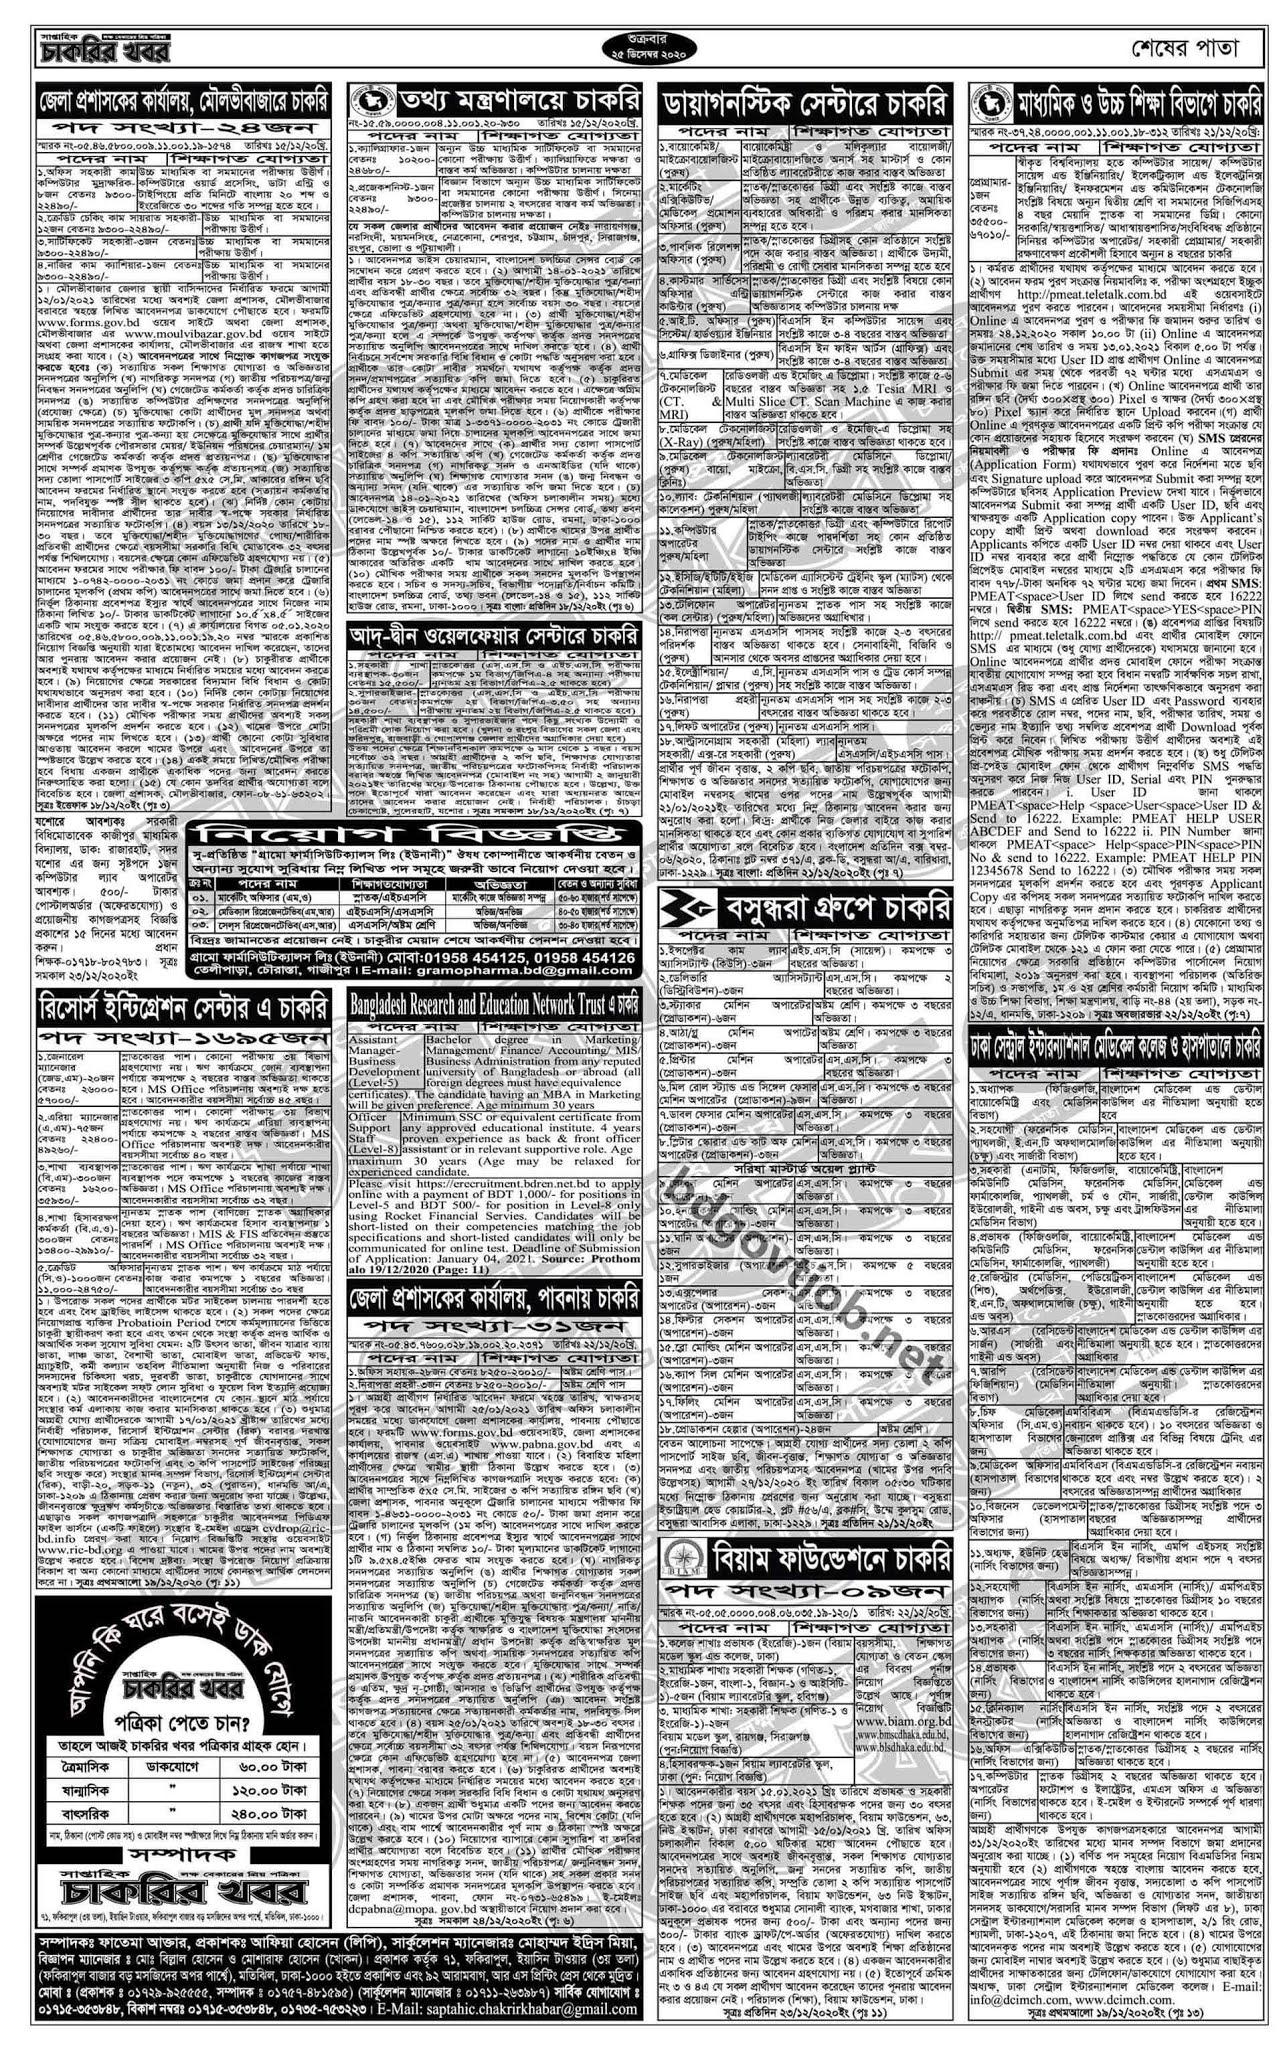 Saptahik chakrir khobor 25 Dec 2020